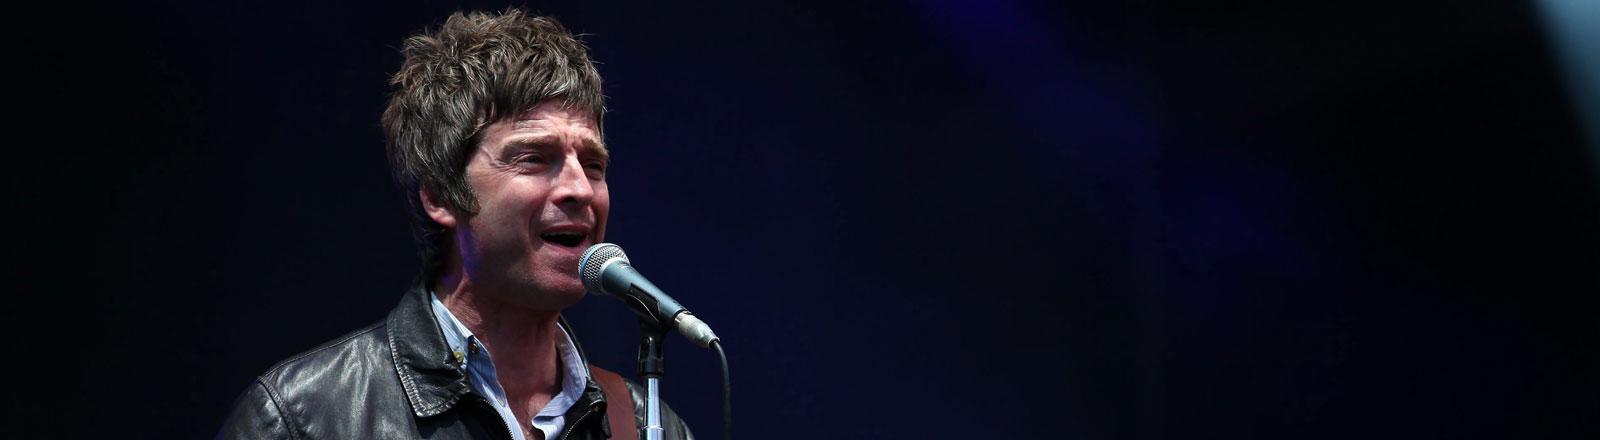 Noel Gallagher 2012 bei einem Auftritt in Frankreich.